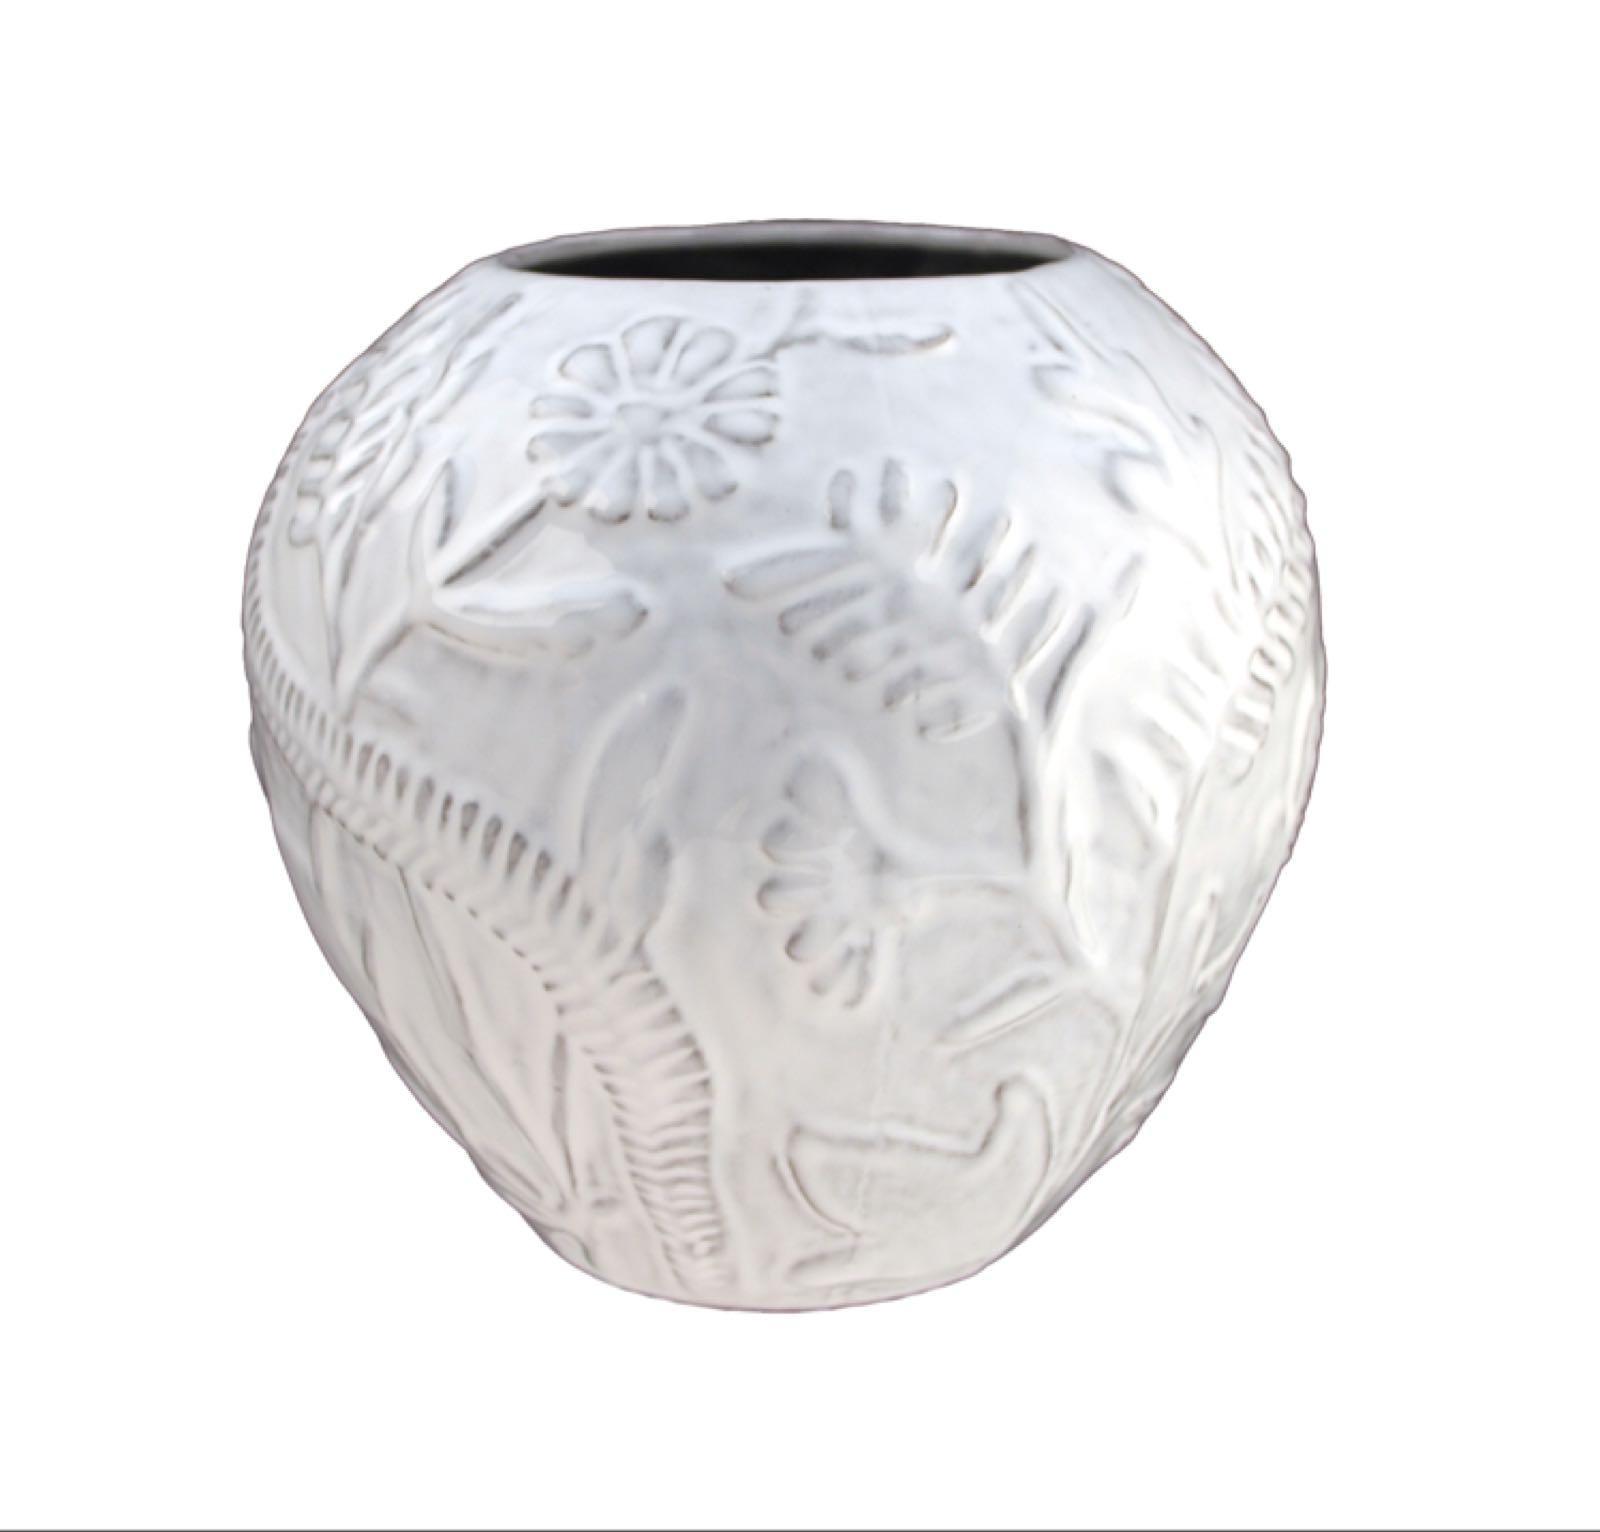 Vas Nittsjö keramik